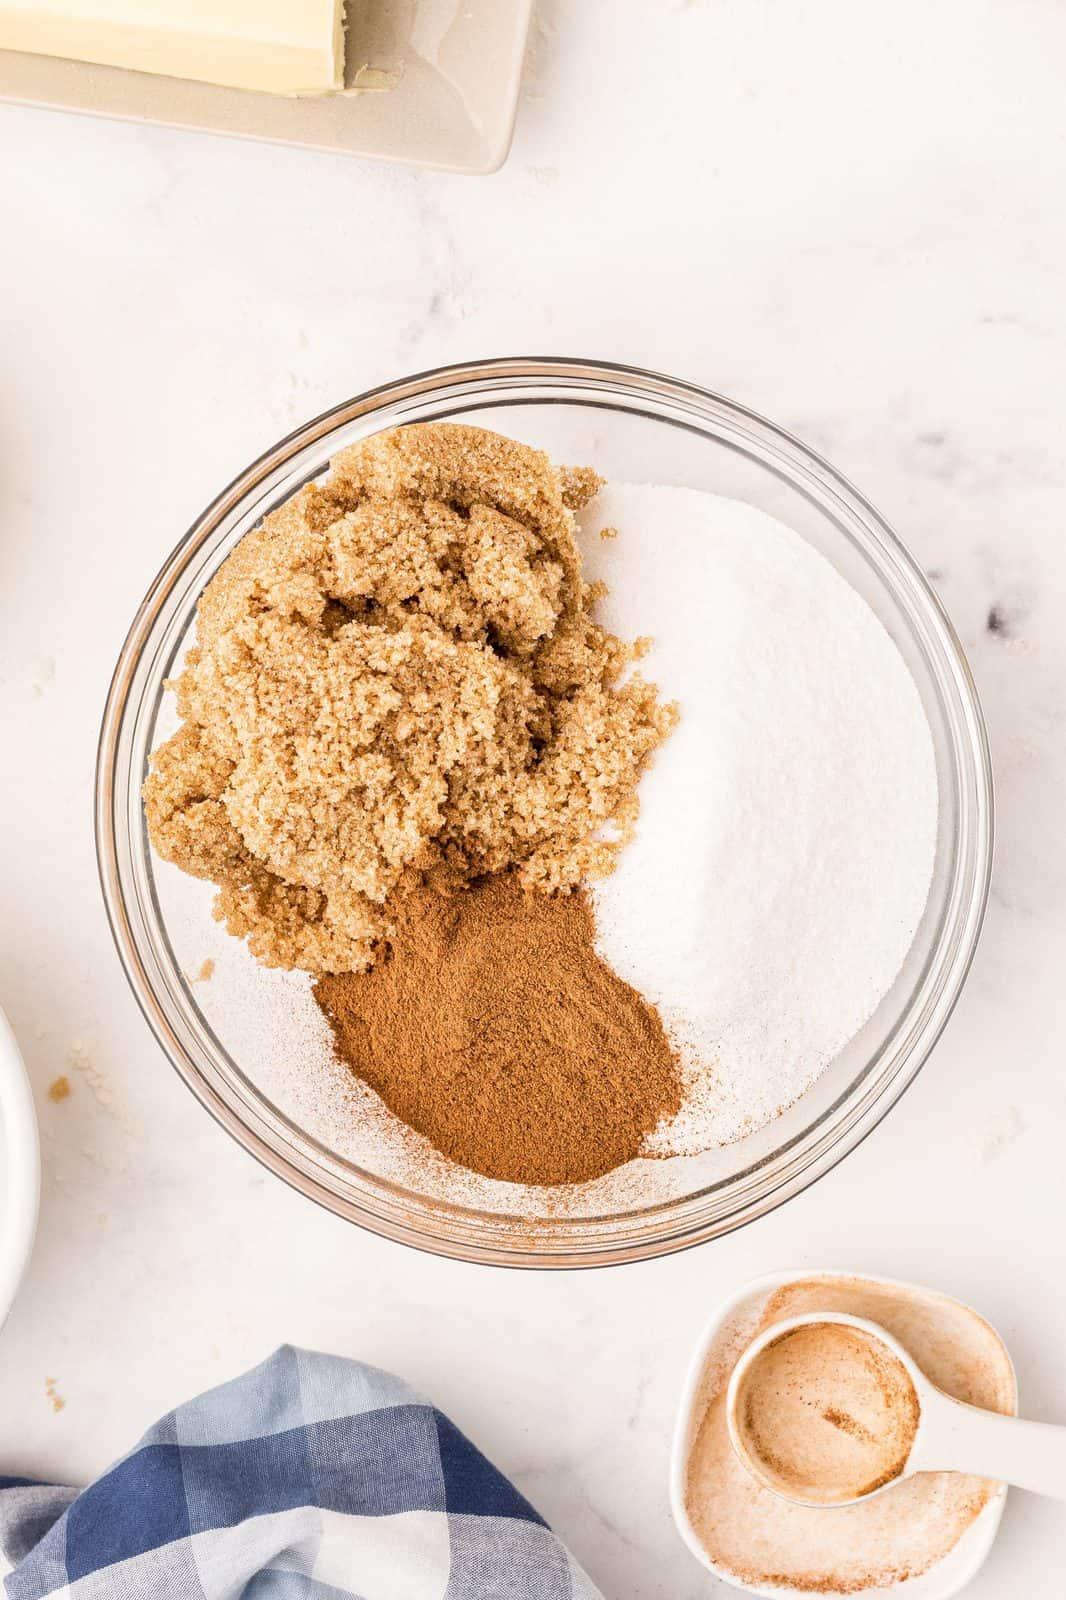 Granulated sugar, brown sugar and cinnamon in bowl.